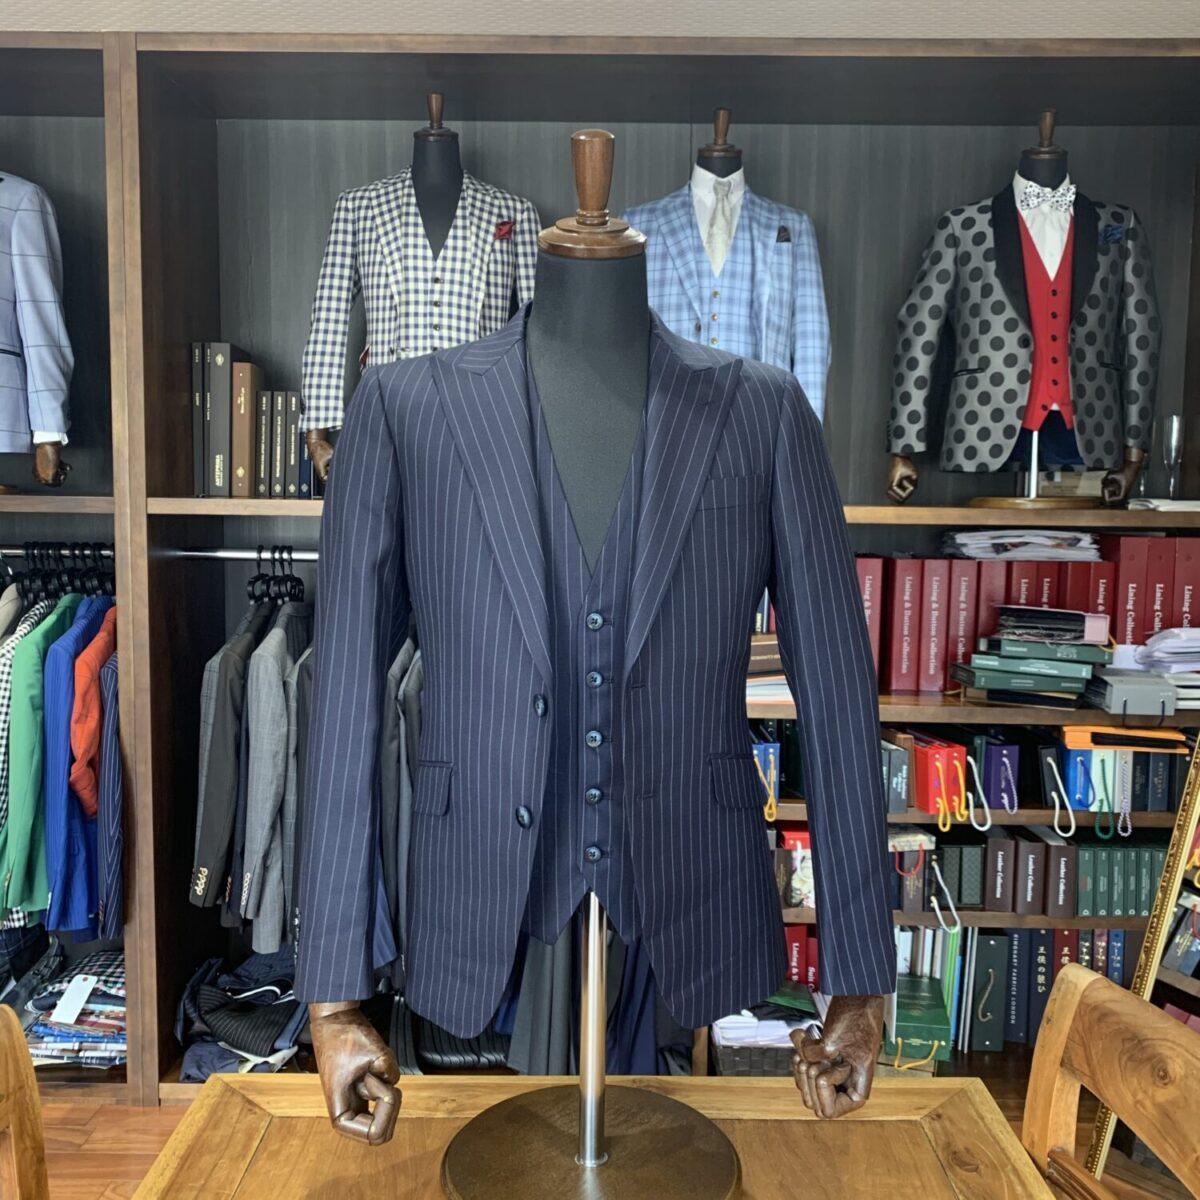 滋賀県長浜市E様のオーダースーツを仕上げさせていただきました!